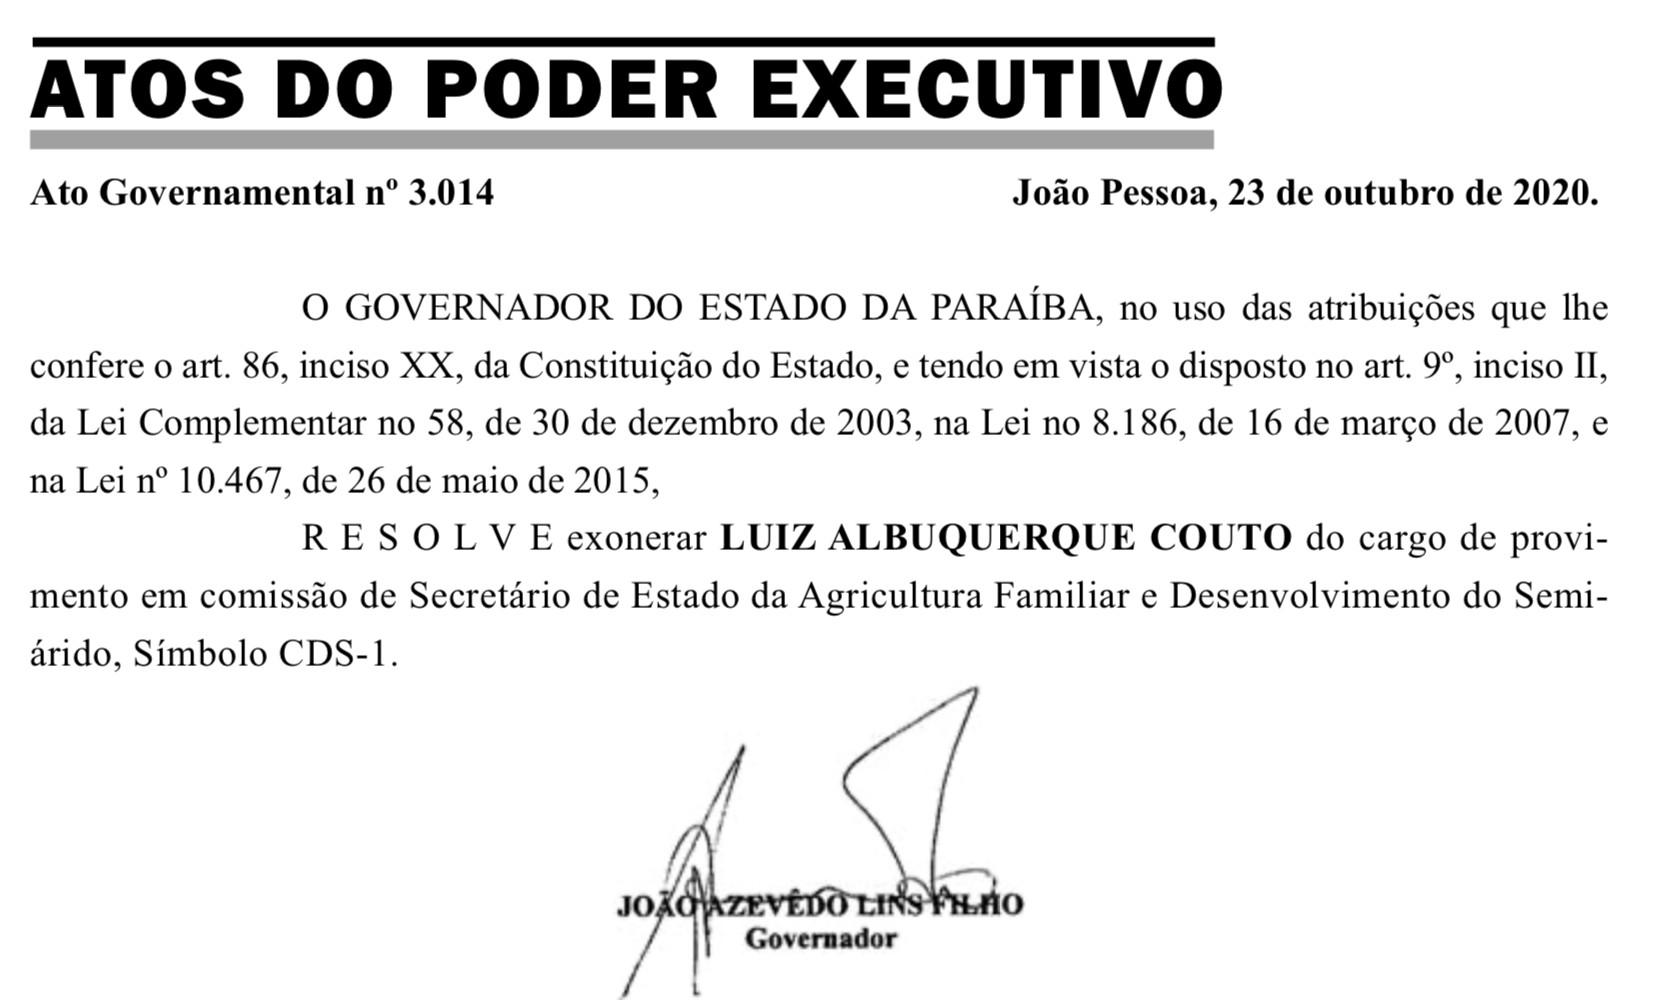 Governador da PB exonera Luiz Couto da Secretaria de Agricultura Familiar e Desenvolvimento do Semiárido